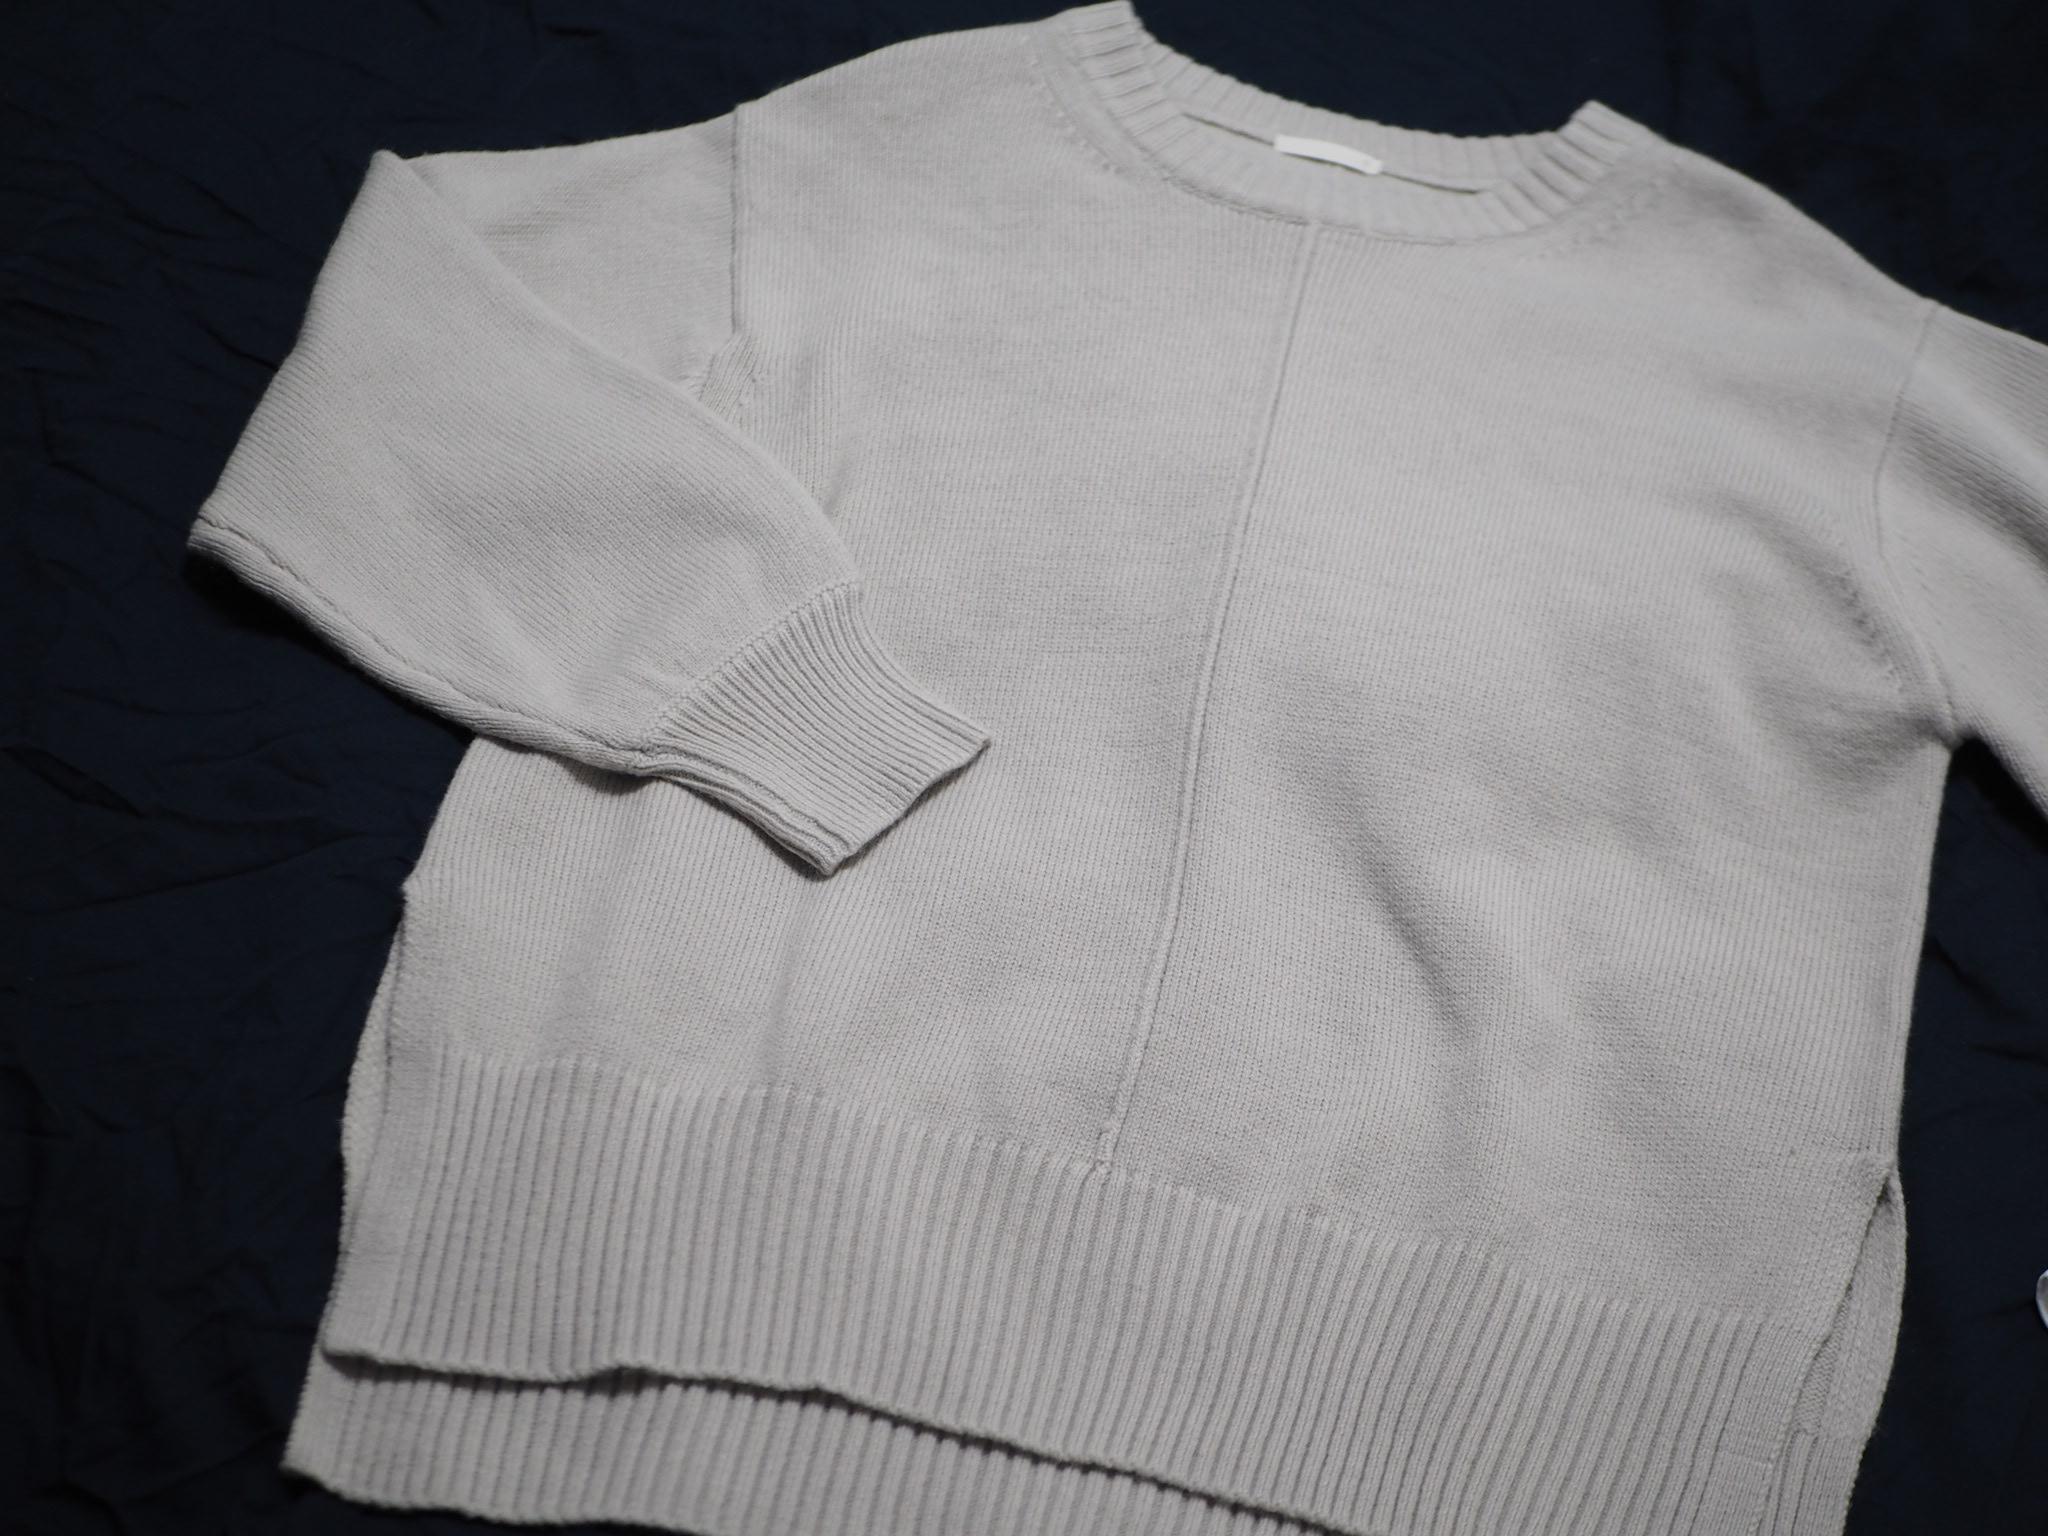 【GU】今から春までそれぞれ使える!レイヤードシャツ風タンク&ニット♡_4